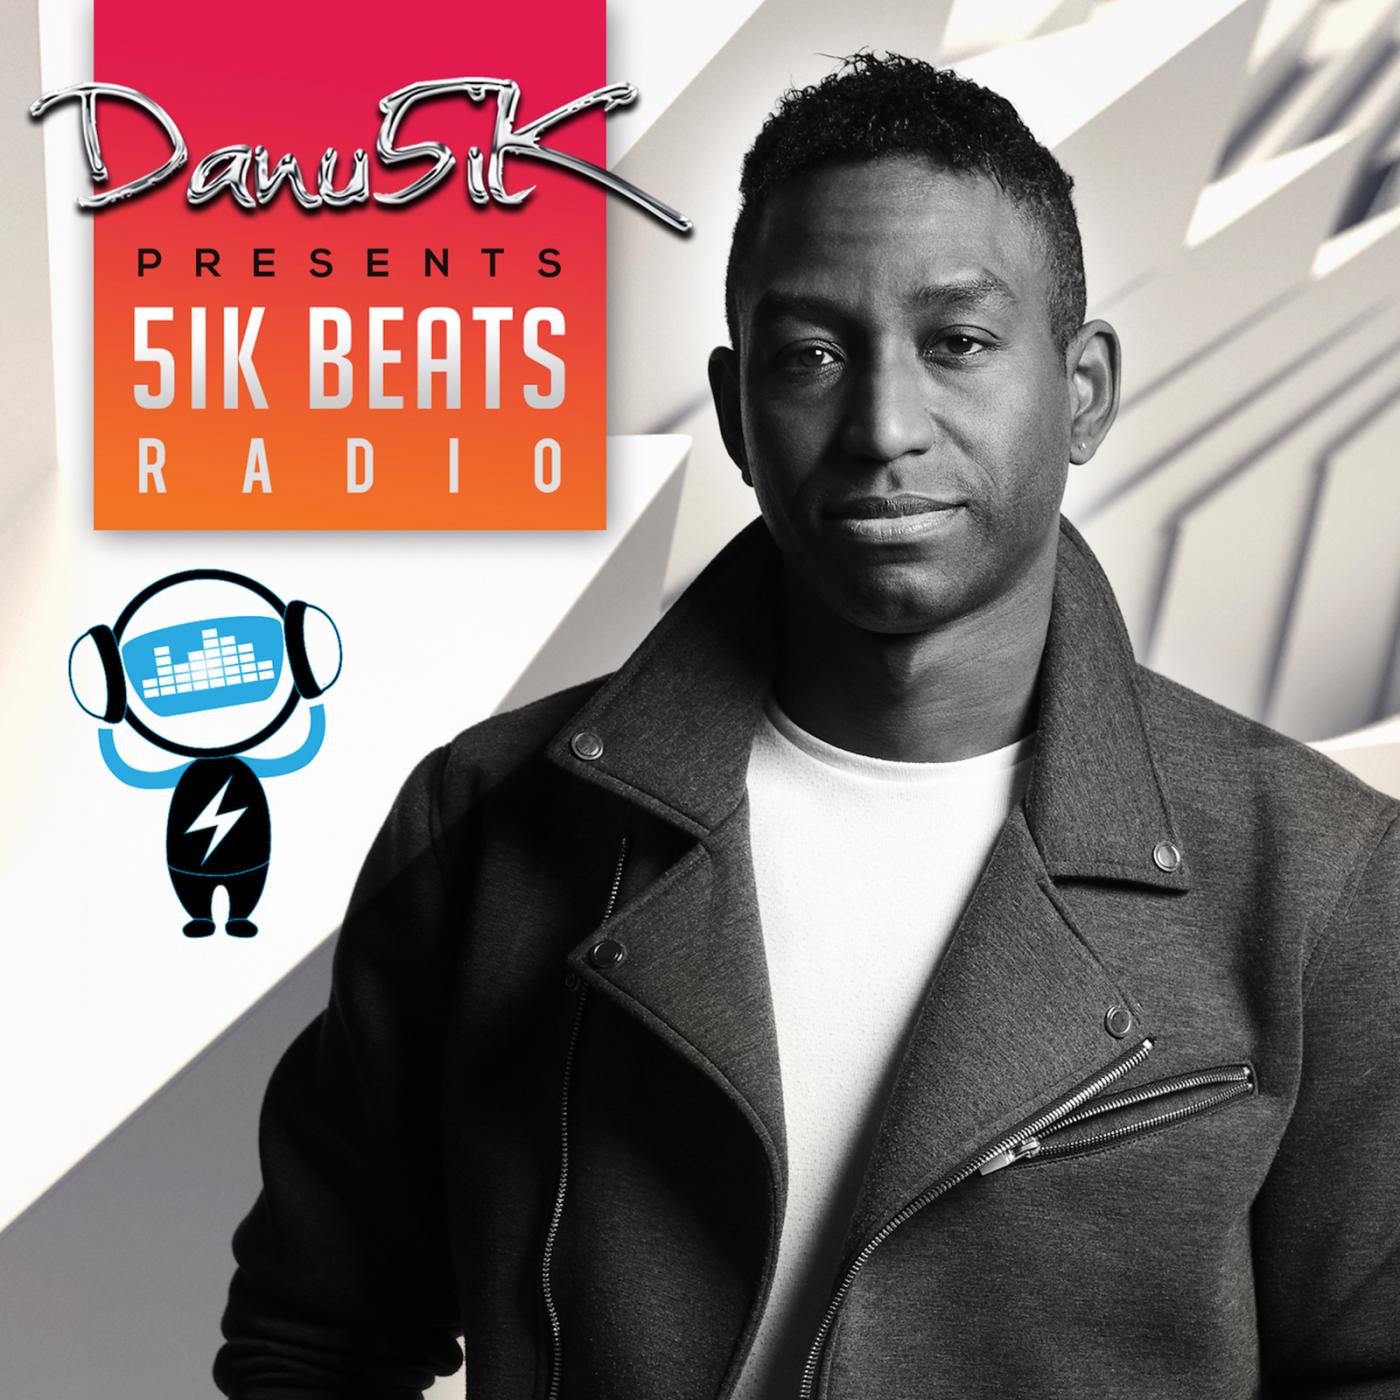 5ik Beats Radio 089 | Danu5ik